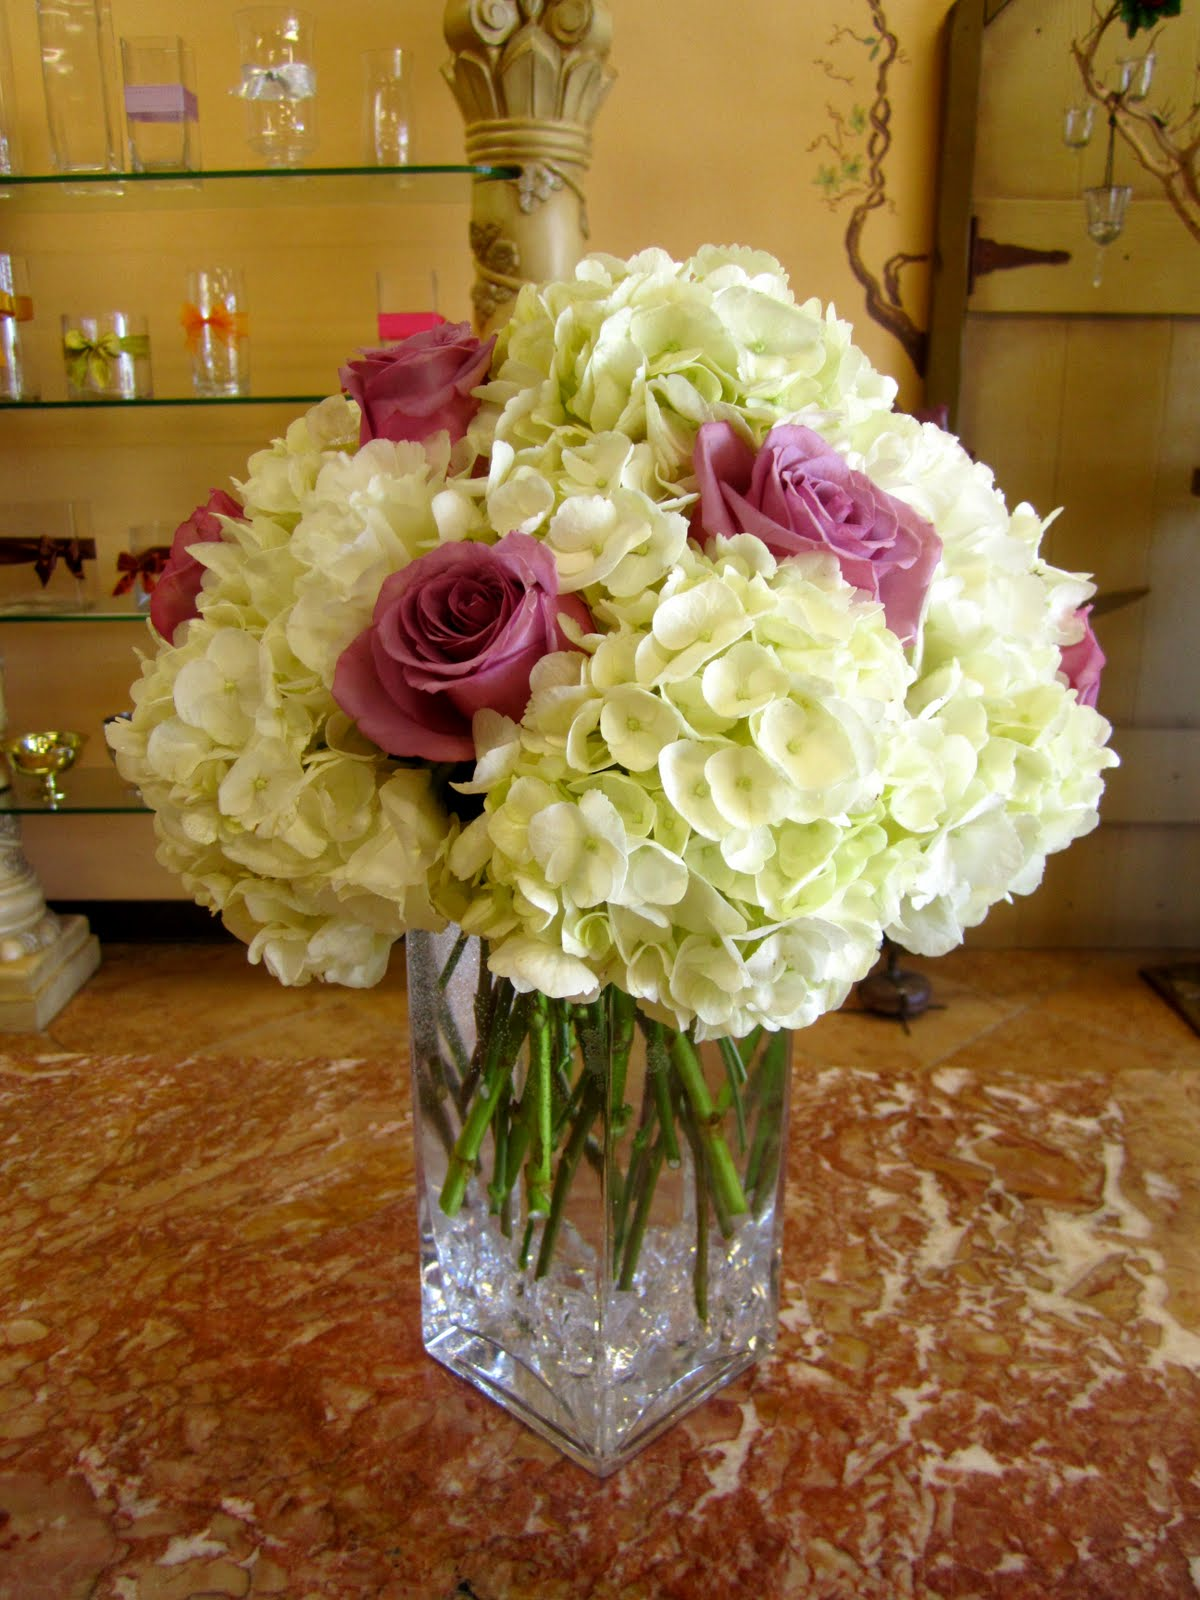 Bernardos flowers rose hydrangea square glass vase arr rose hydrangea square glass vase arr reviewsmspy